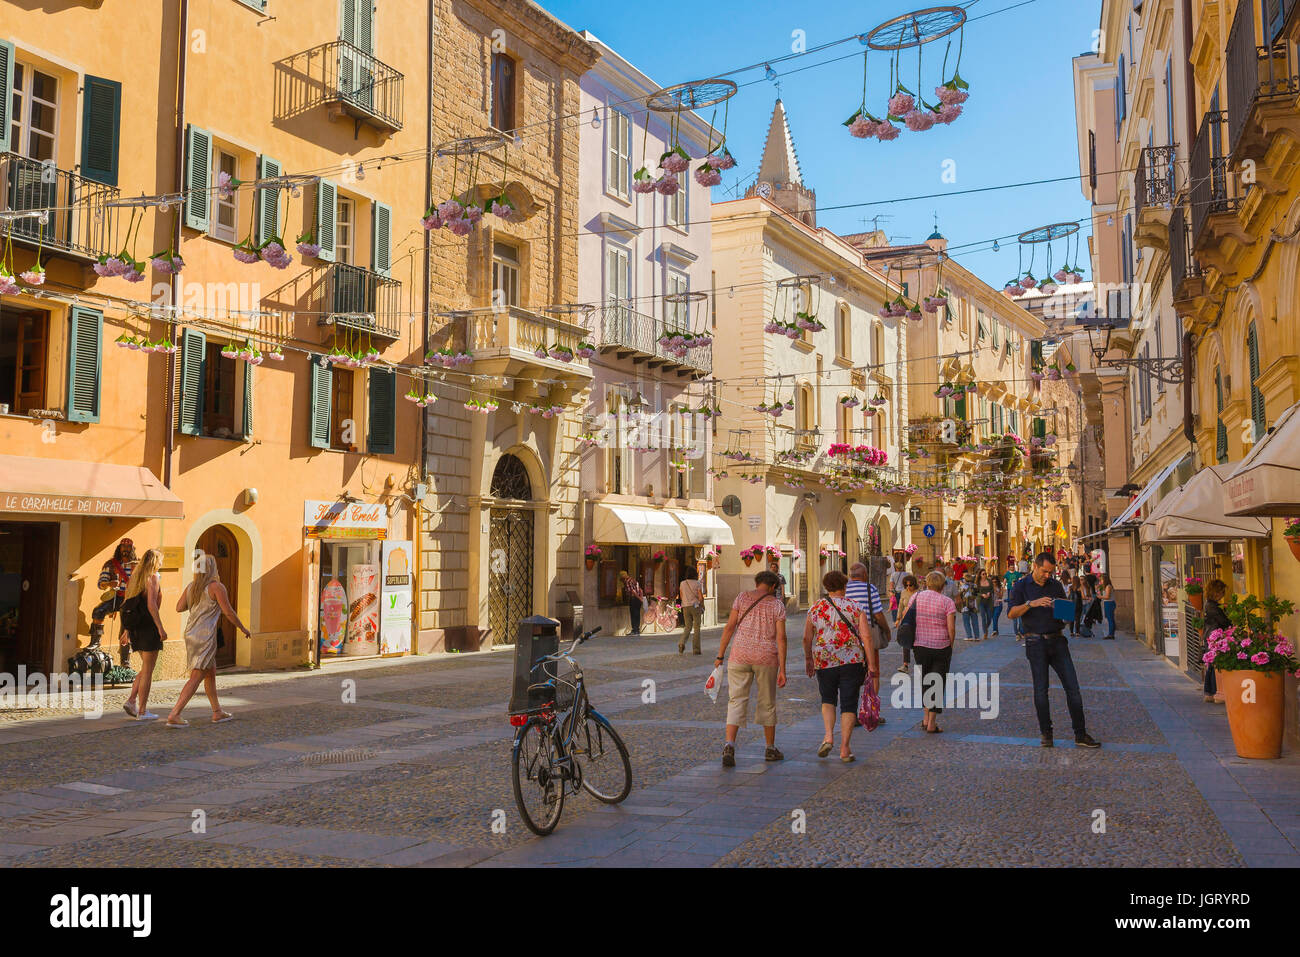 Alghero Piazza Civica, la gente se pasea a través de la Piazza Civica en el histórico casco antiguo de Imagen De Stock